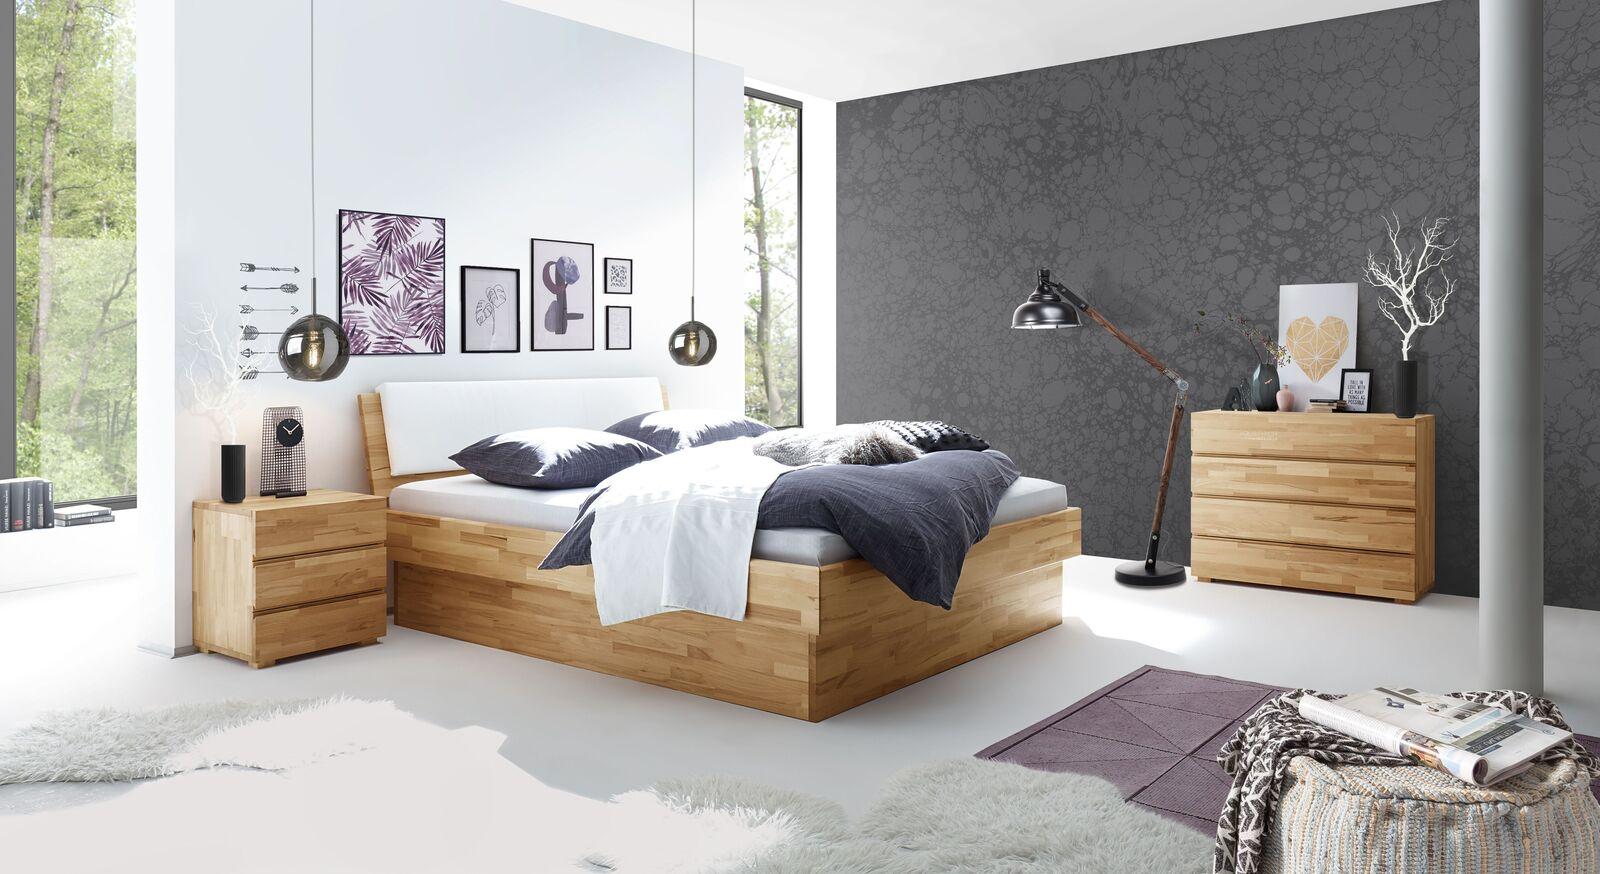 Bett Karuna mit passenden Schlafzimmer-Möbeln